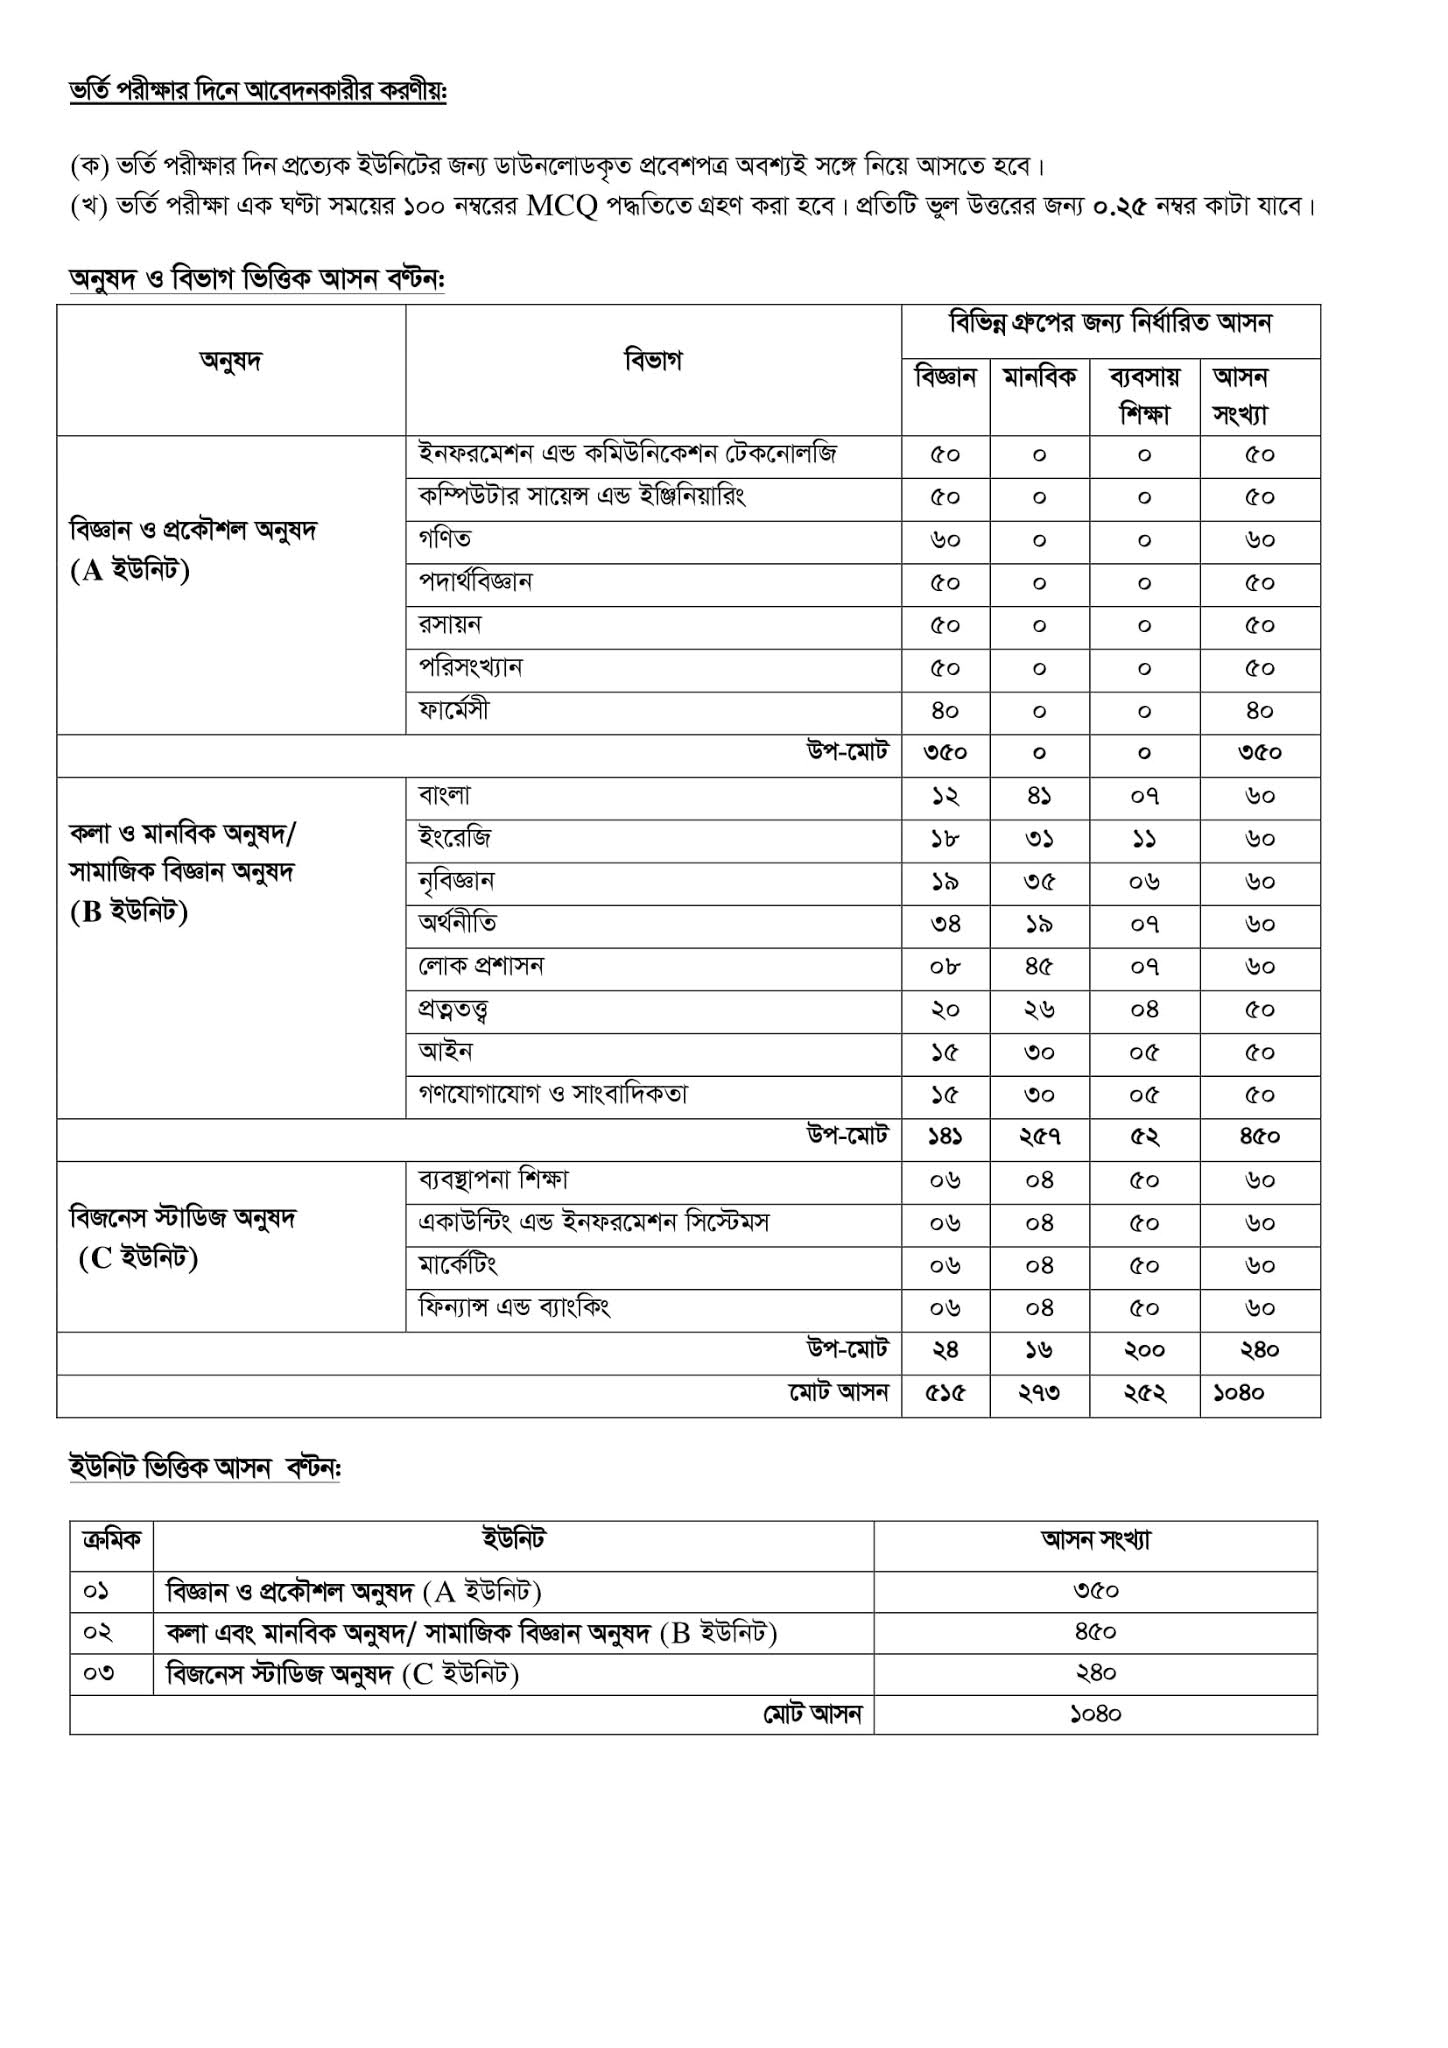 কুমিল্লা বিশ্ববিদ্যালয় আসন সংখ্যা ২০২০-২১ | কুমিল্লা বিশ্ববিদ্যালয় আসন সংখ্যা ২০২১